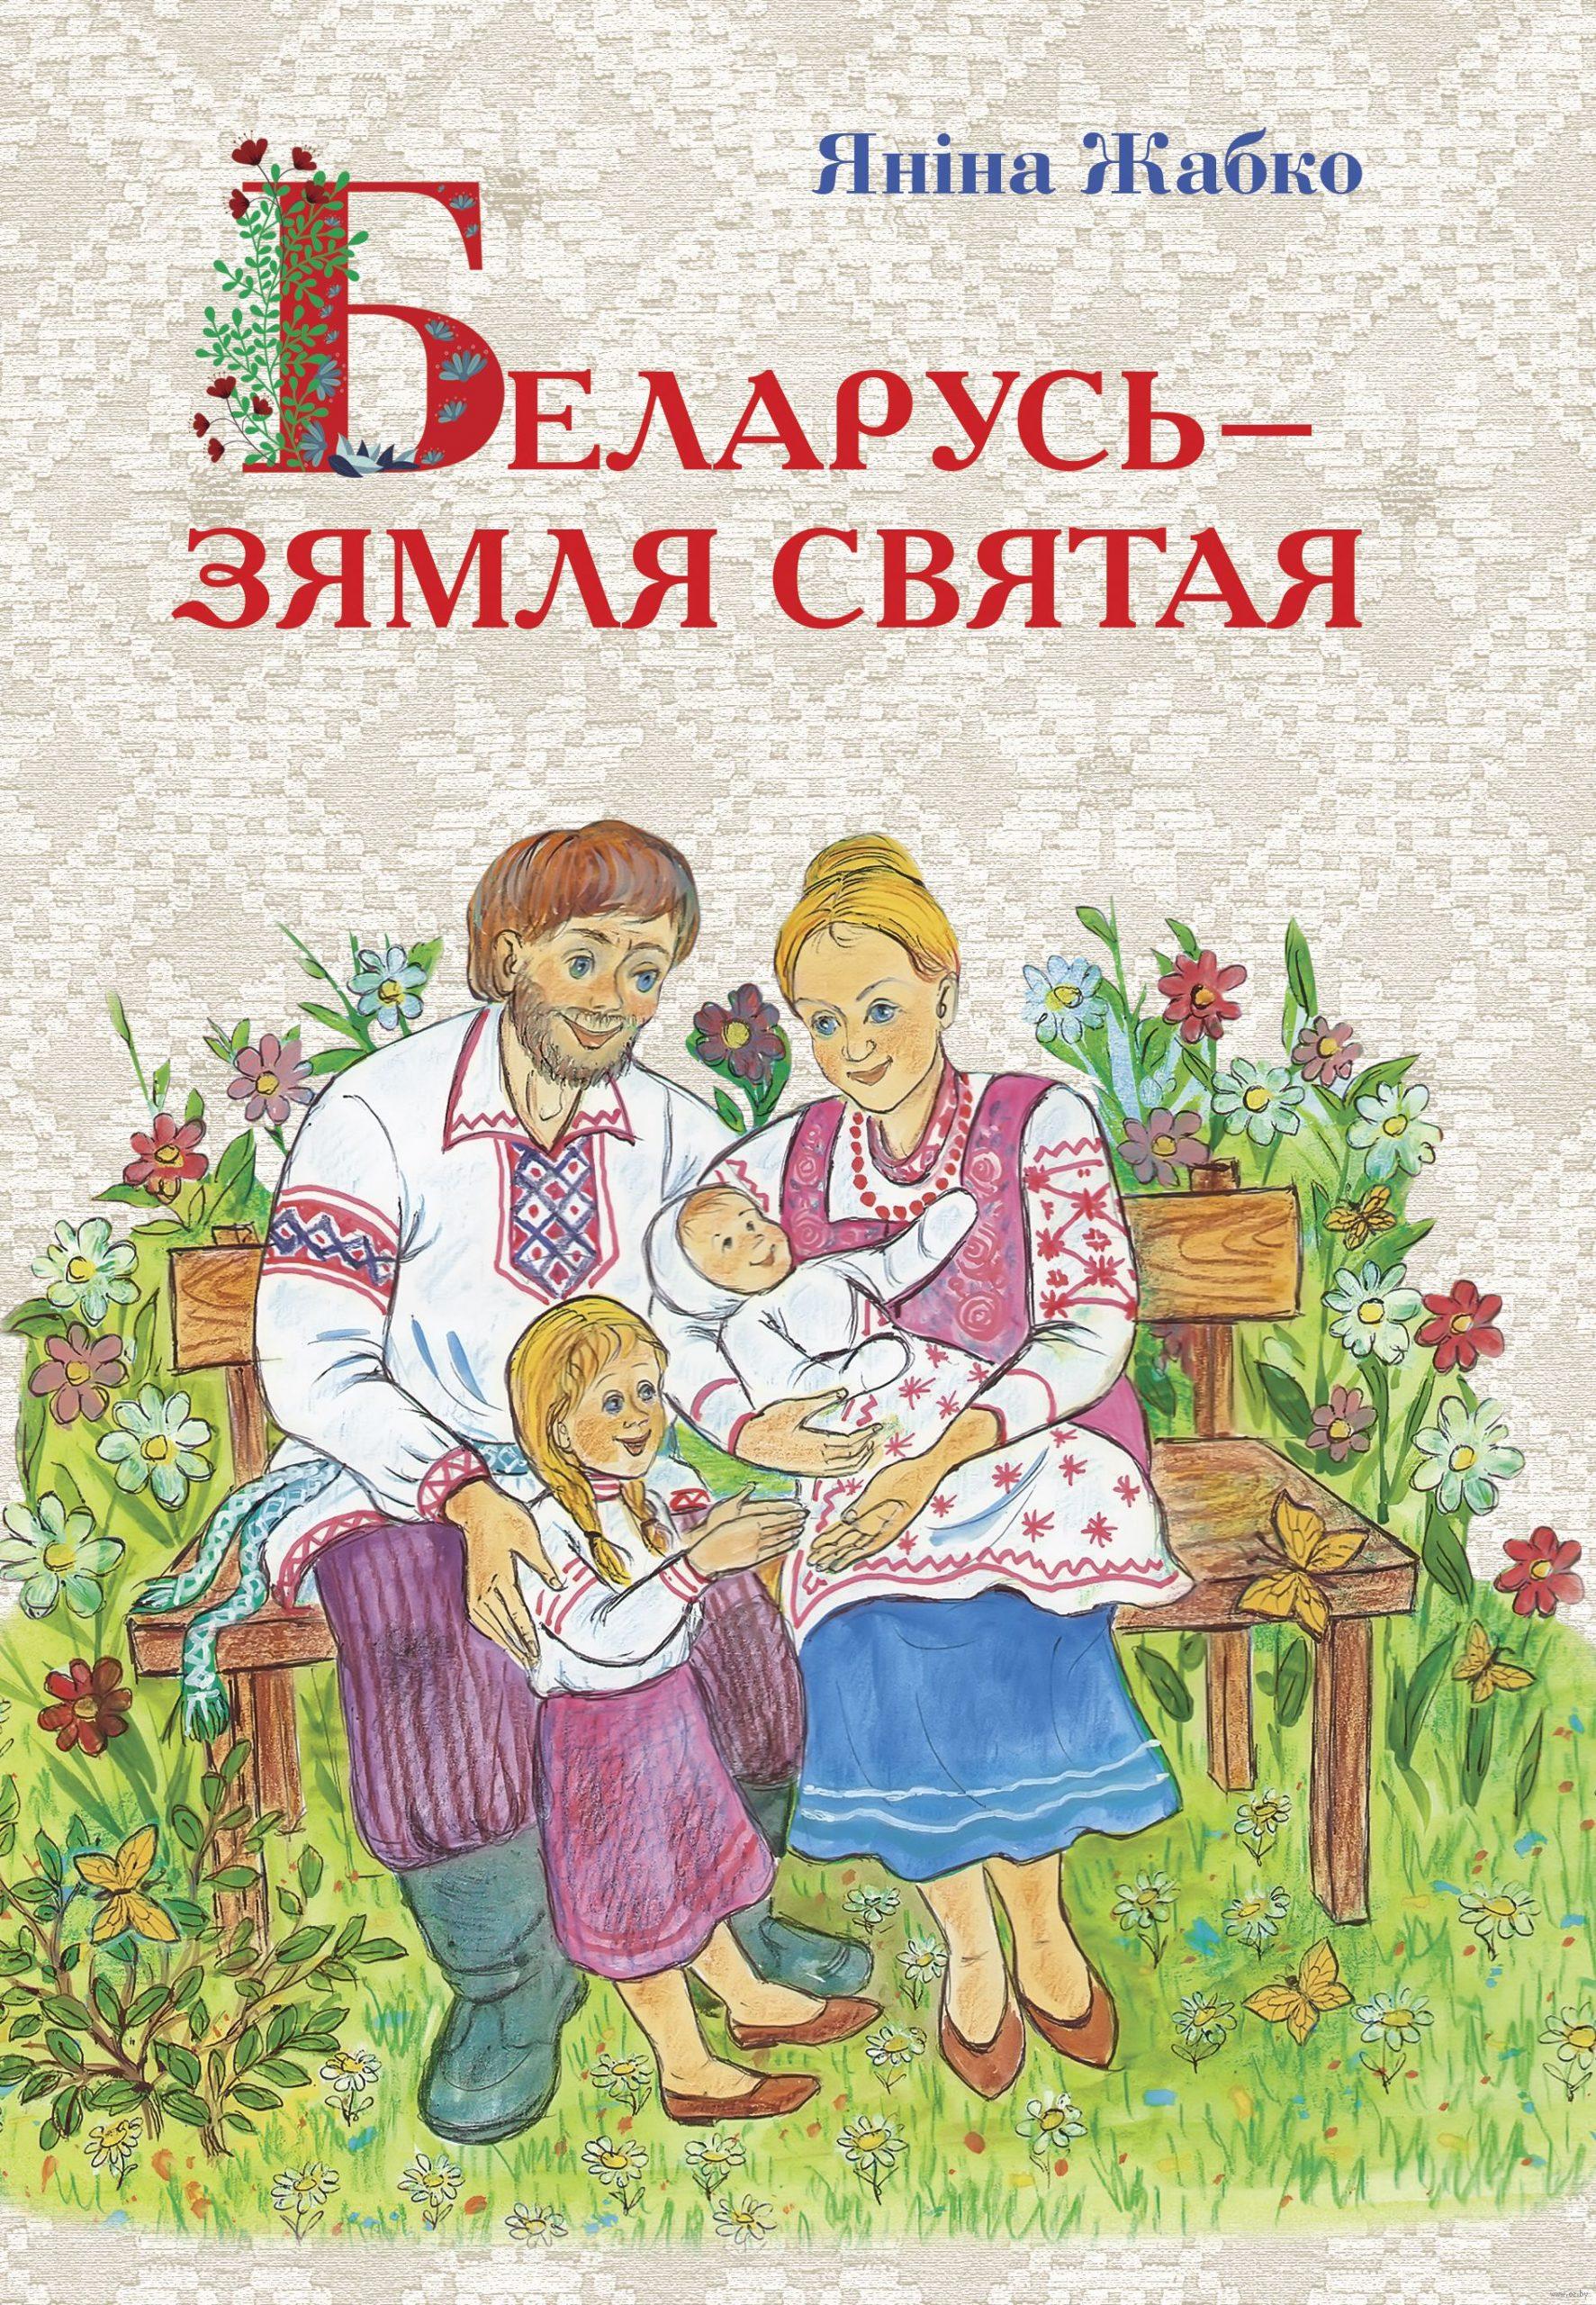 Беларусь – зямля святая!